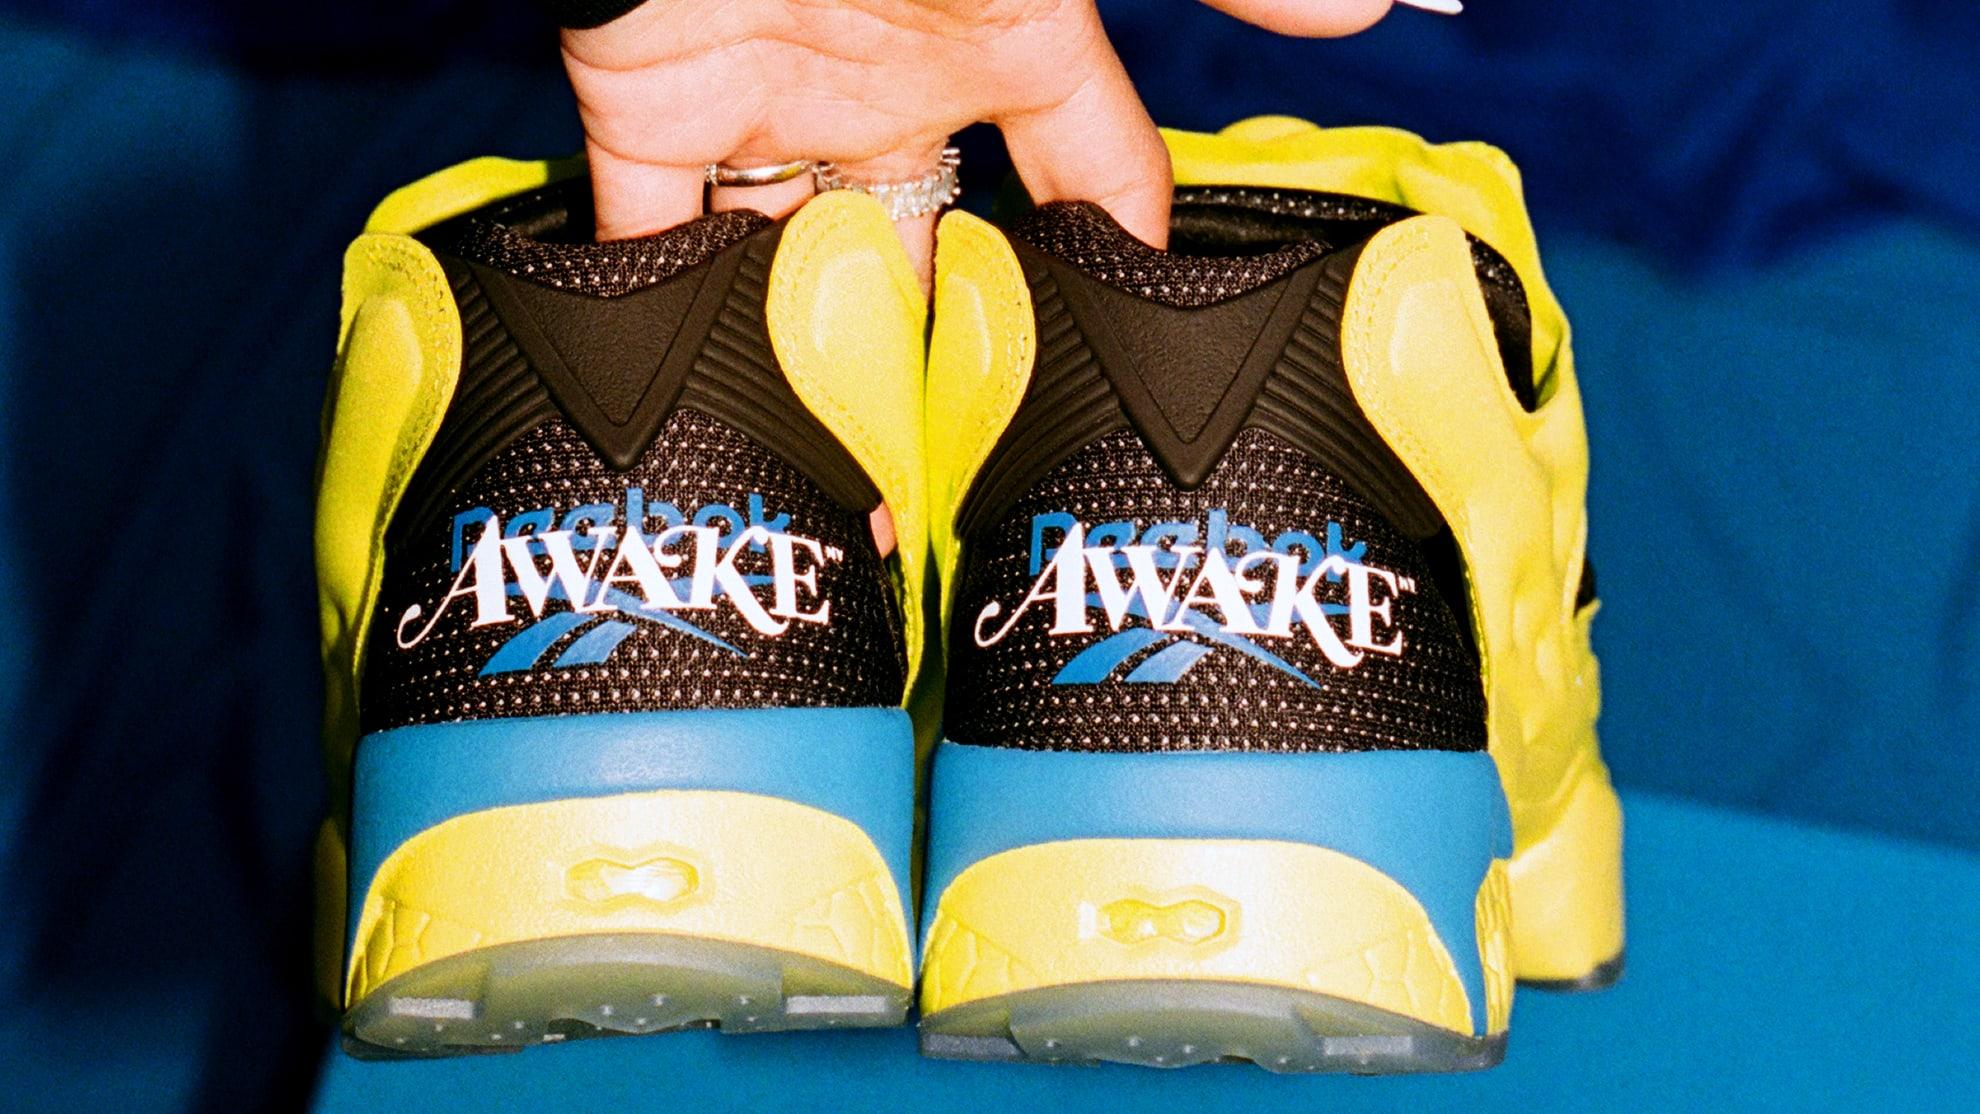 Awake NY x Reebok Instapump Fury (Heel)